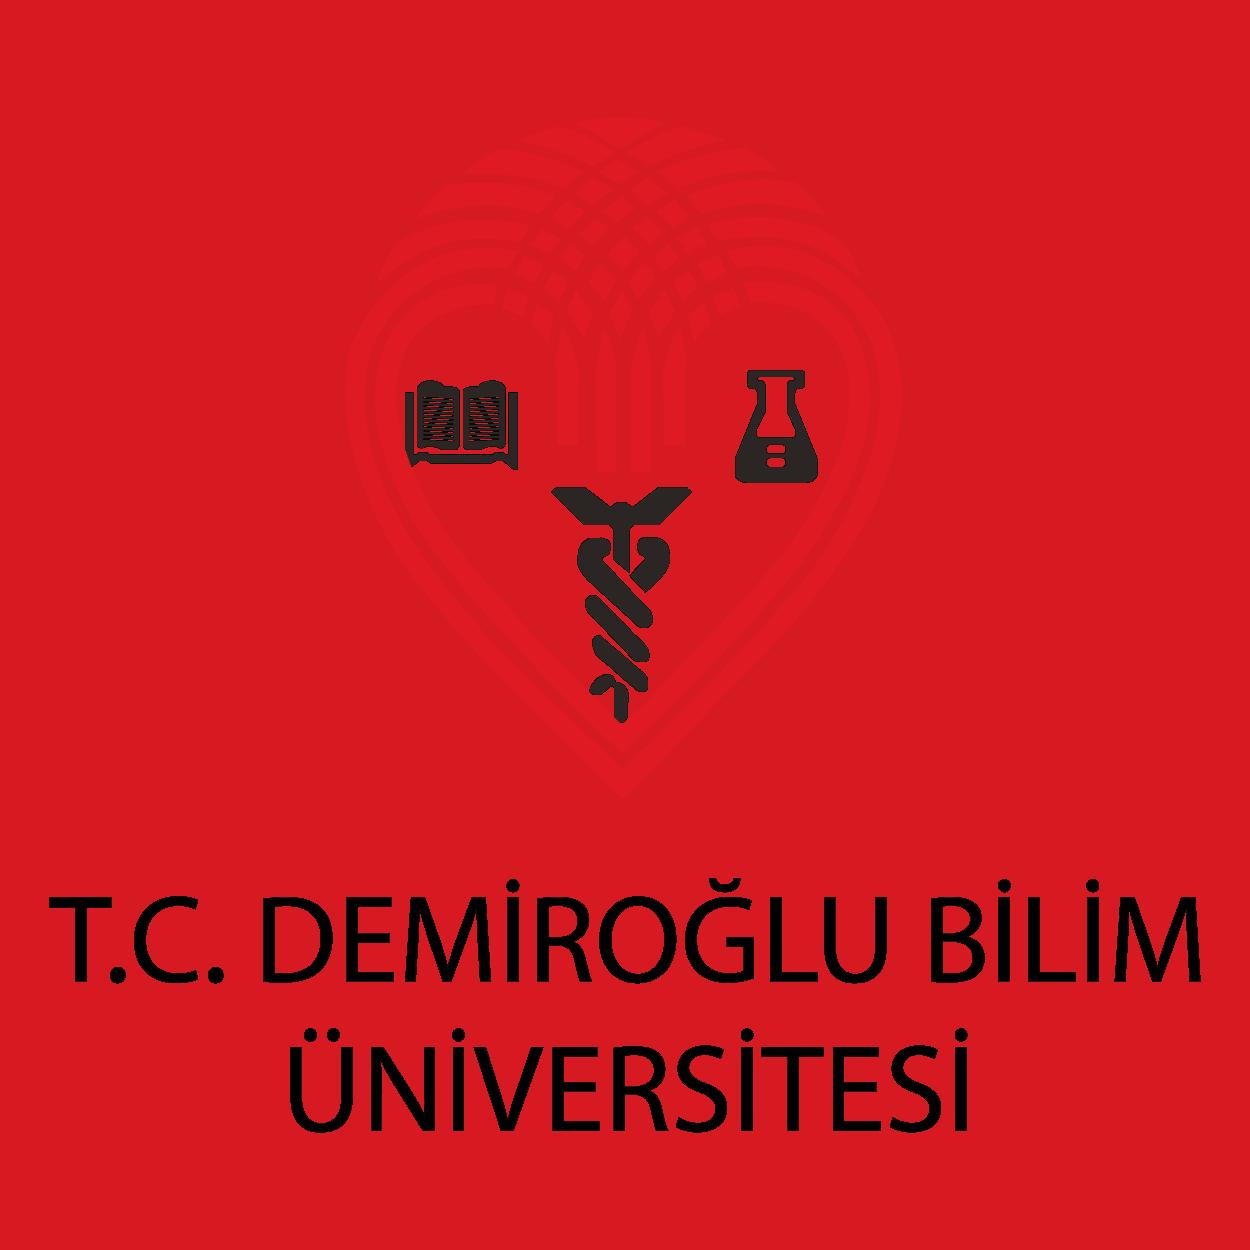 Demiroğlu Bilim Üniversitesi (İstanbul) png